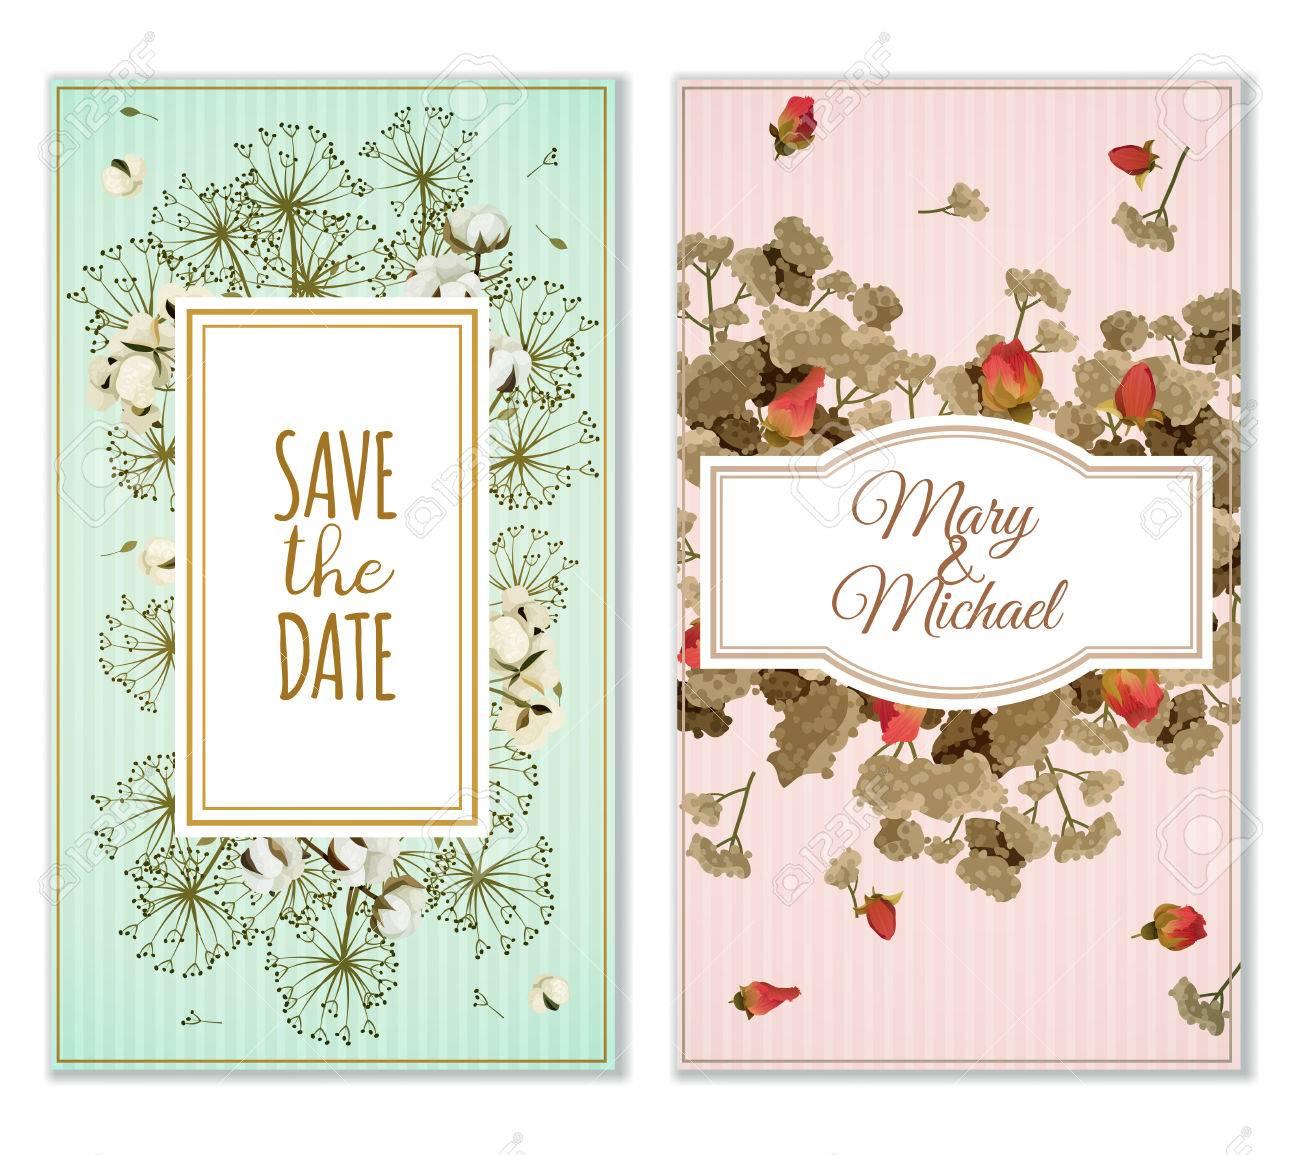 Dos Variantes De Tarjetas De Invitación De Matrimonio Para Imprimir En Colores Pastel Con Flores Secas Decoración Vintage Ilustración Vectorial